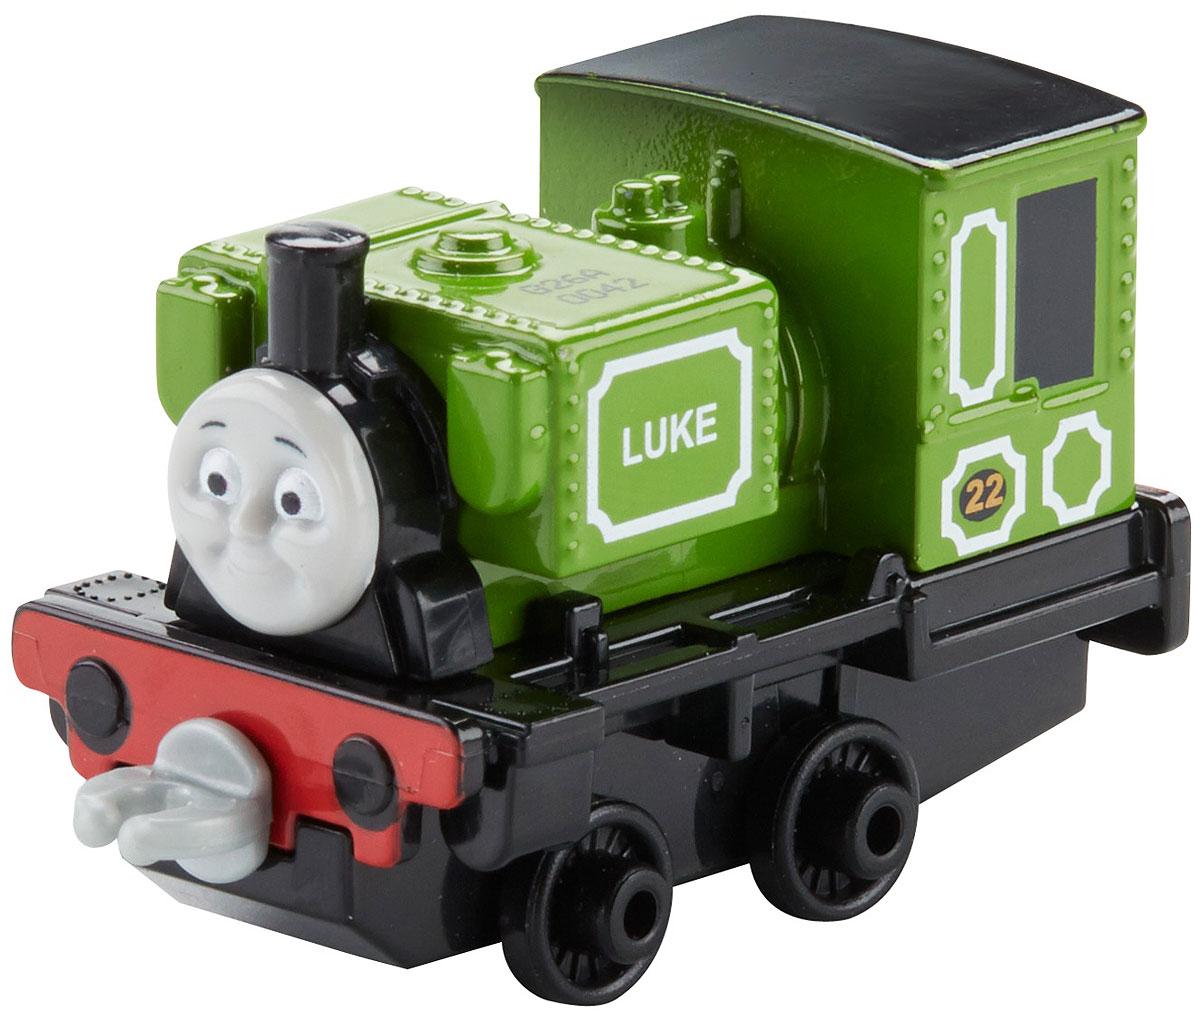 Thomas & Friends Паровозик ЛюкDWM28_DXR87Коллекция надежных литых поездов Томас и его друзья с пластиковыми креплениями, чтобы соединять с другими поездами или тендерами из серии Приключения Томаса и его друзей. Идеально для использования с поездами, трассами и наборами Приключения Томаса и его друзей (продаются отдельно, наличие не гарантировано). Помогает развивать крупную моторику и восприятие, развивает воображение.